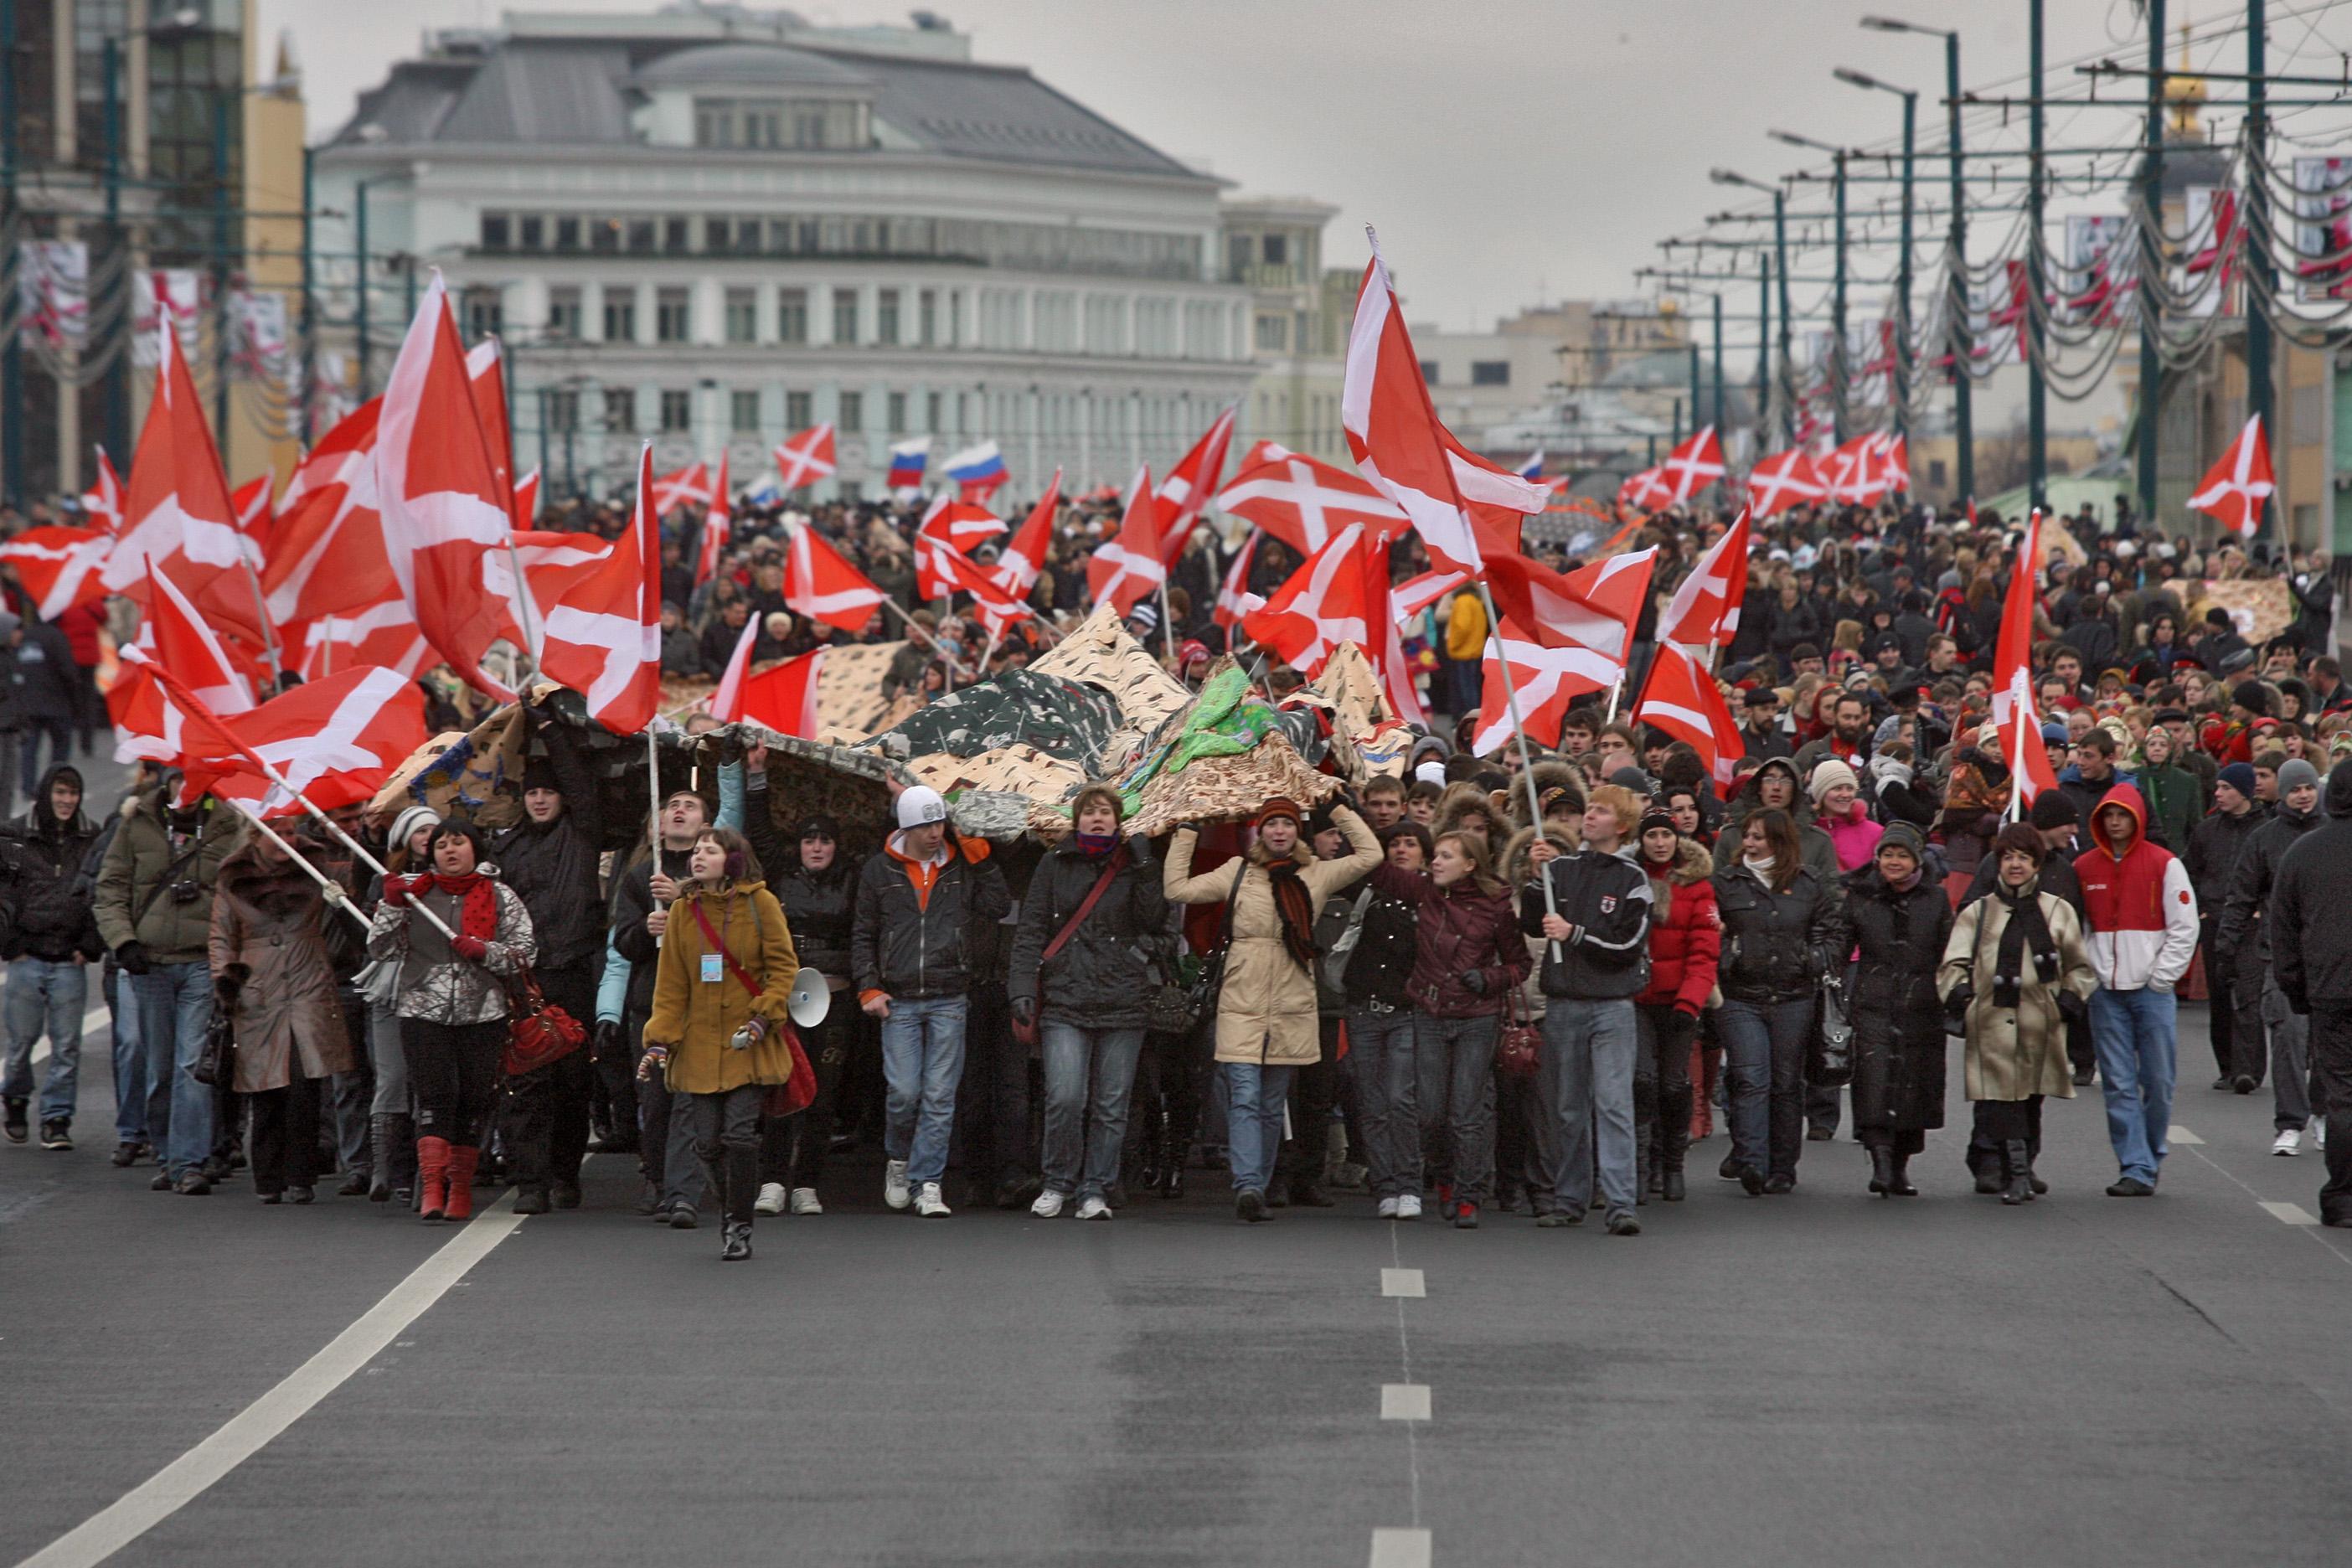 Foto © Dimitri Lebedew / Kommersant. Aktivisten der Jugendbewegung Naschi während einer Aktion am Tag der Einheit des Volkes